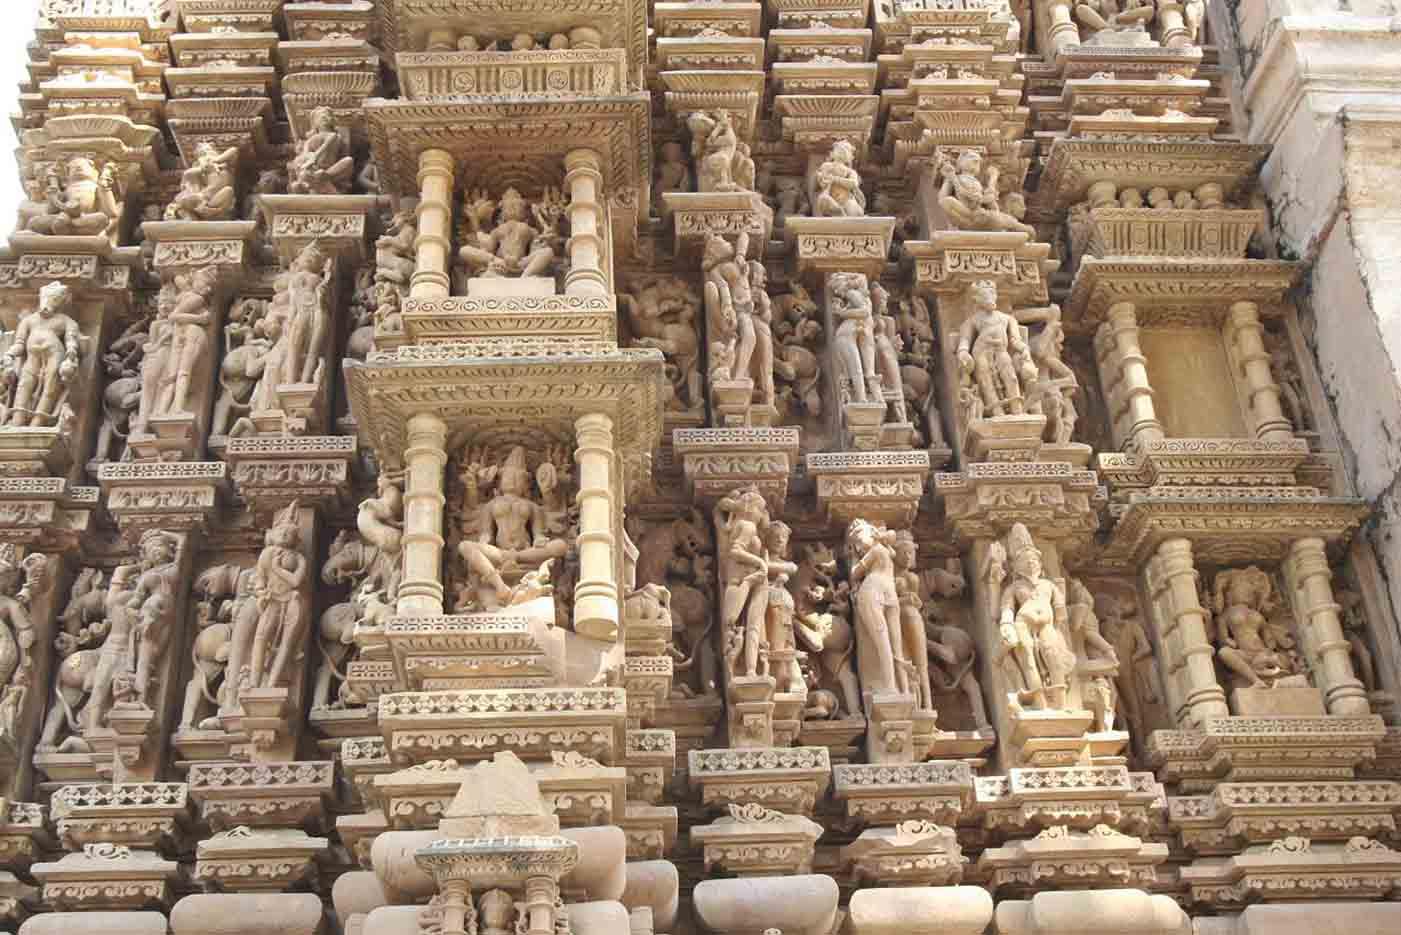 Храмы Кхаджурахо, Khajuraho Temples - 16